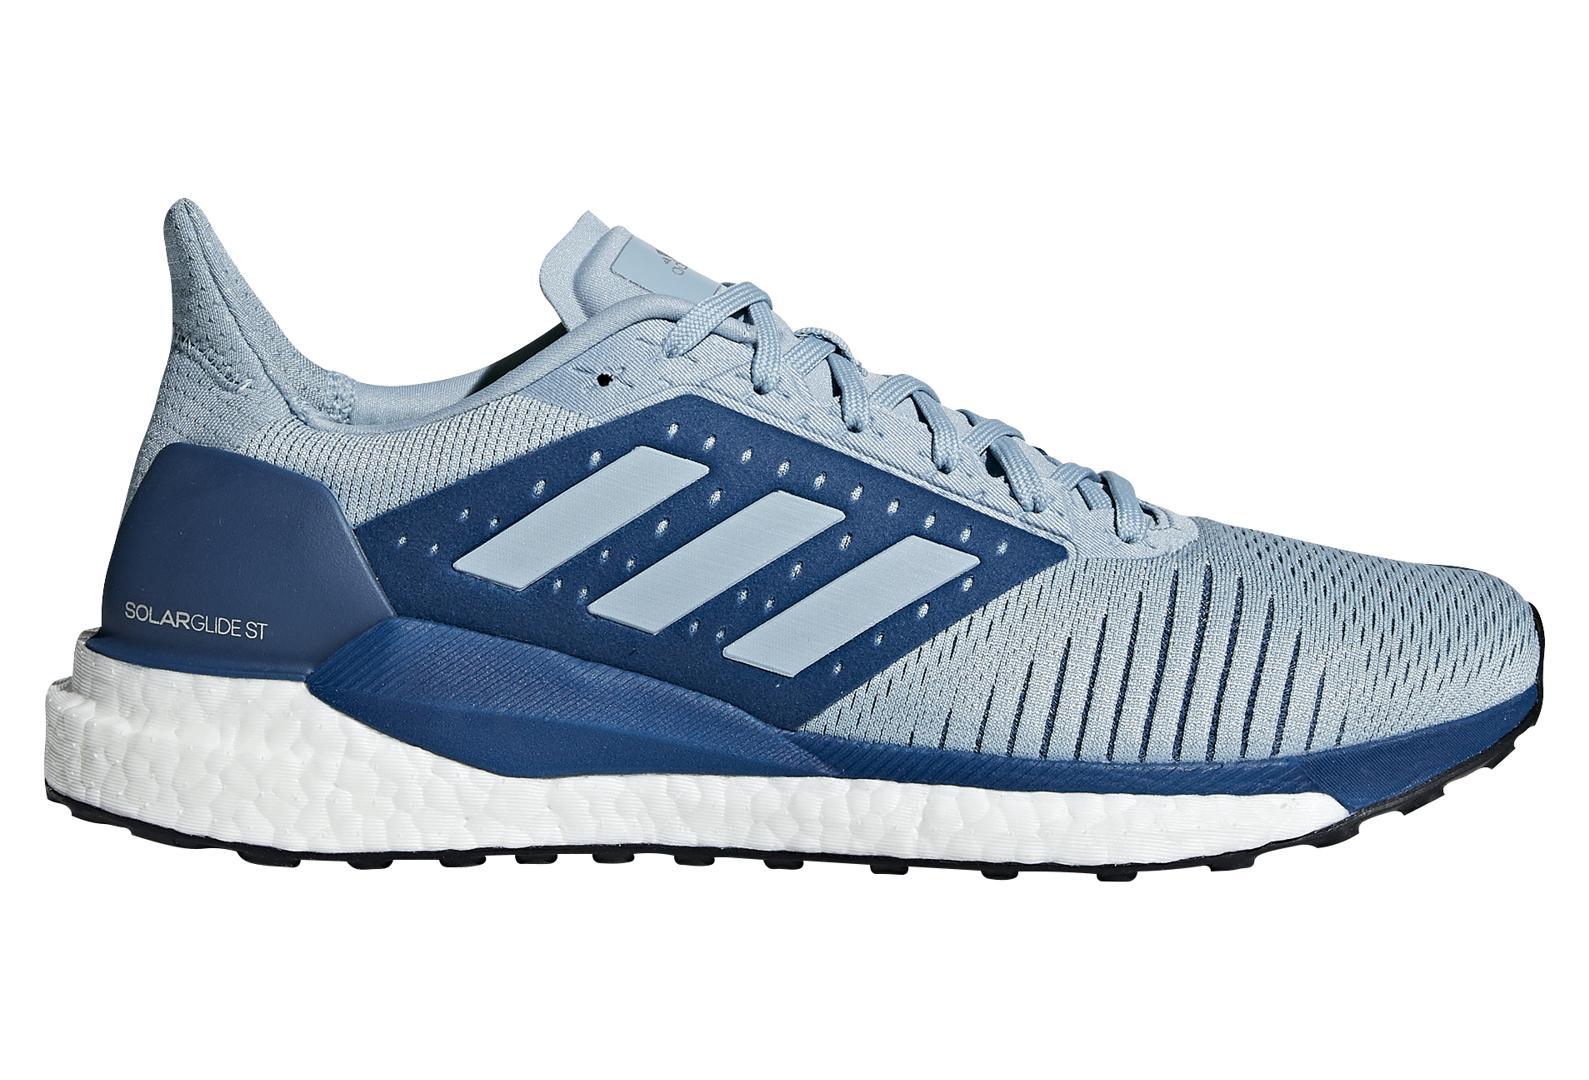 Lugar de nacimiento miseria suave  Adidas SOLAR GLIDE ST Shoes Blue | Alltricks.com